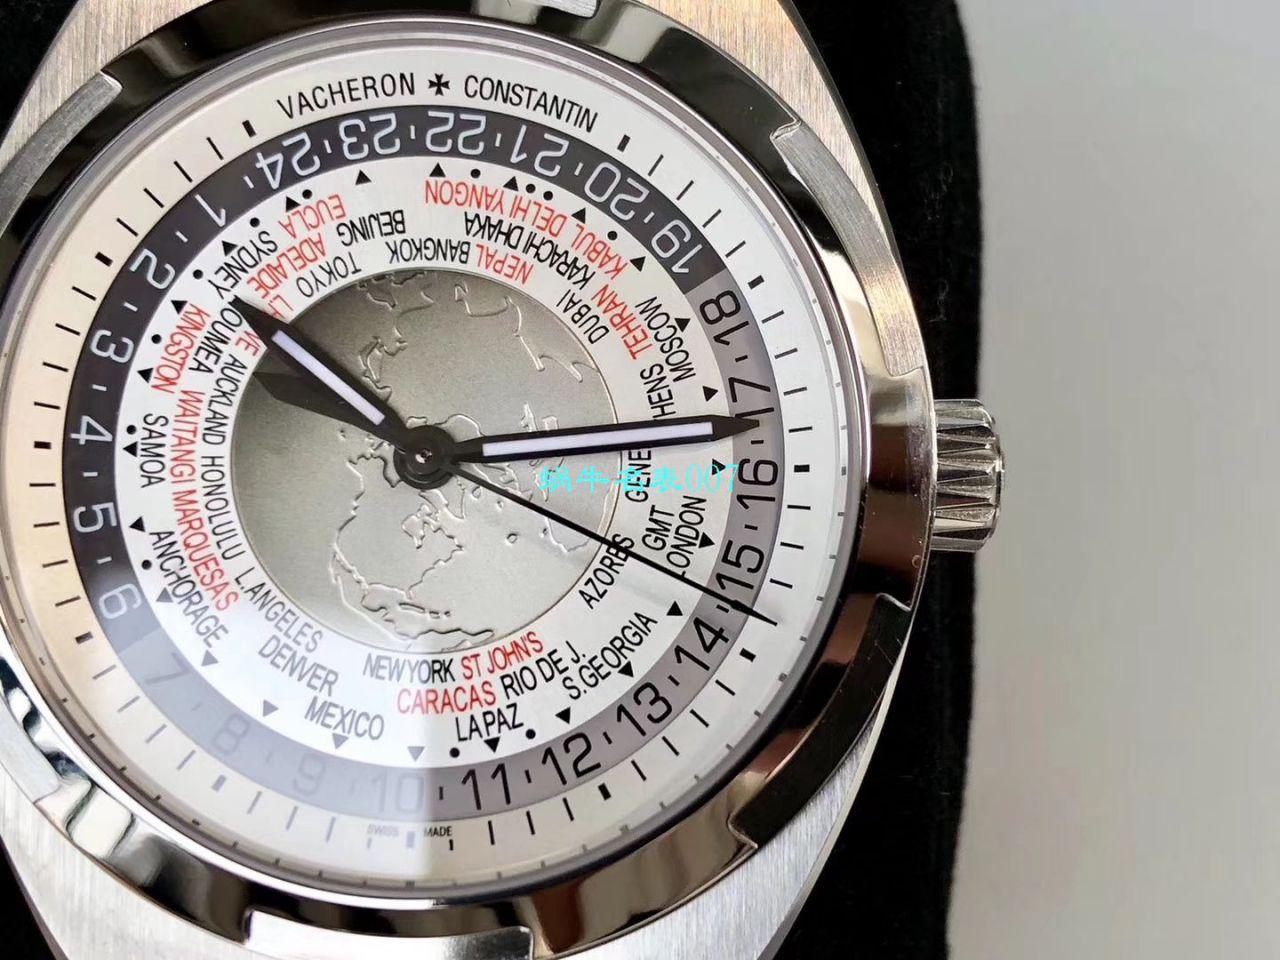 【8F厂Vacheron Constantin复刻手表】江诗丹顿纵横四海系列7700V/110A-B172,7700V/110A-B129,7700V/110A-B176腕表